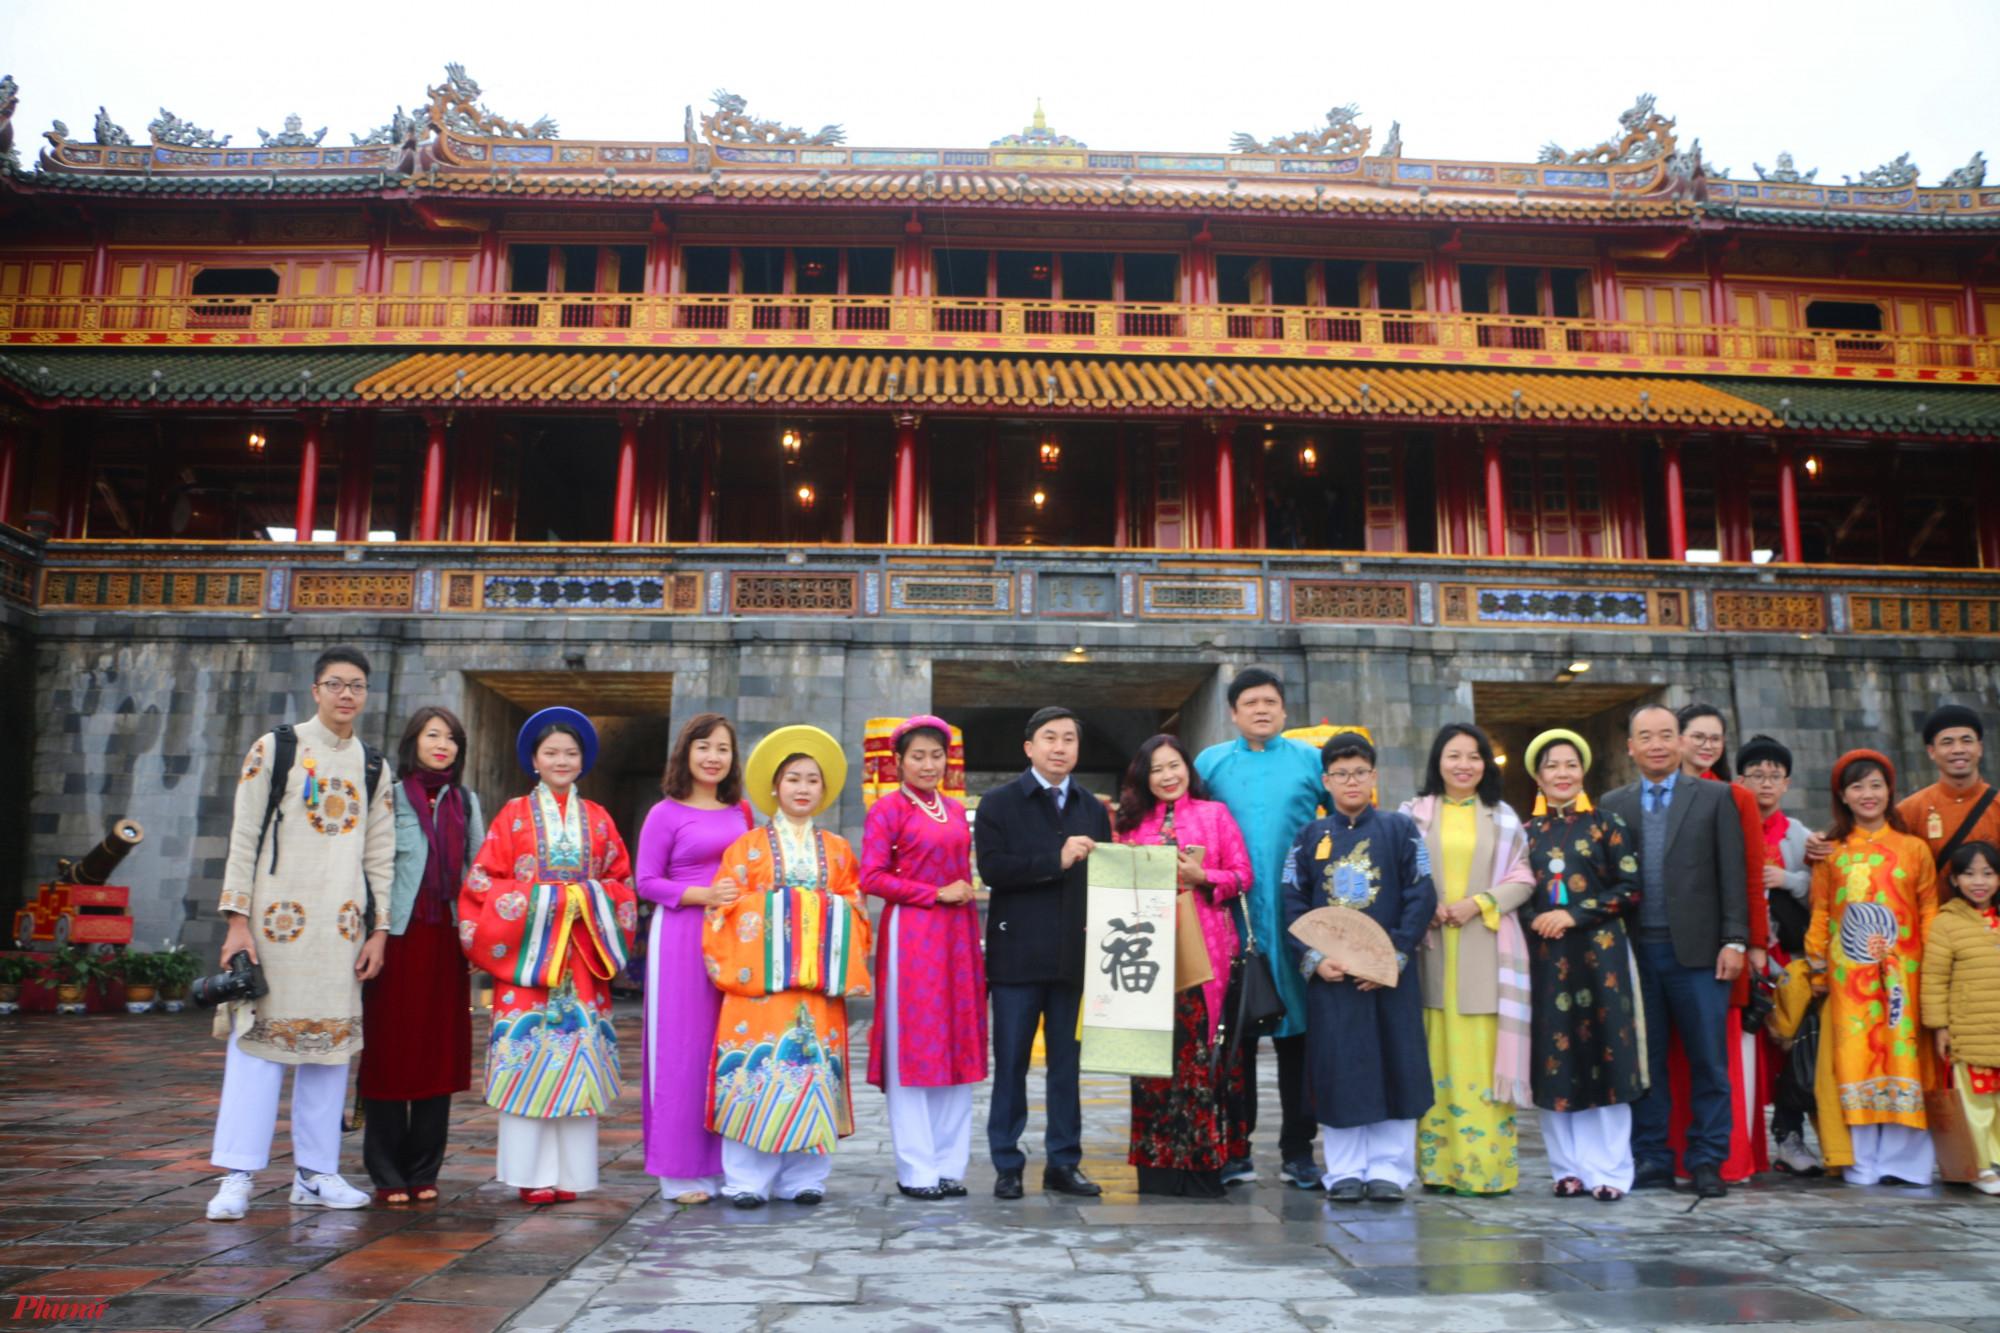 Sau nhiều tháng đóng cửa Trung tâm Bảo tồn di tích cố đô Huế đã mở cửa các điểm di tích đón du khách tham quan